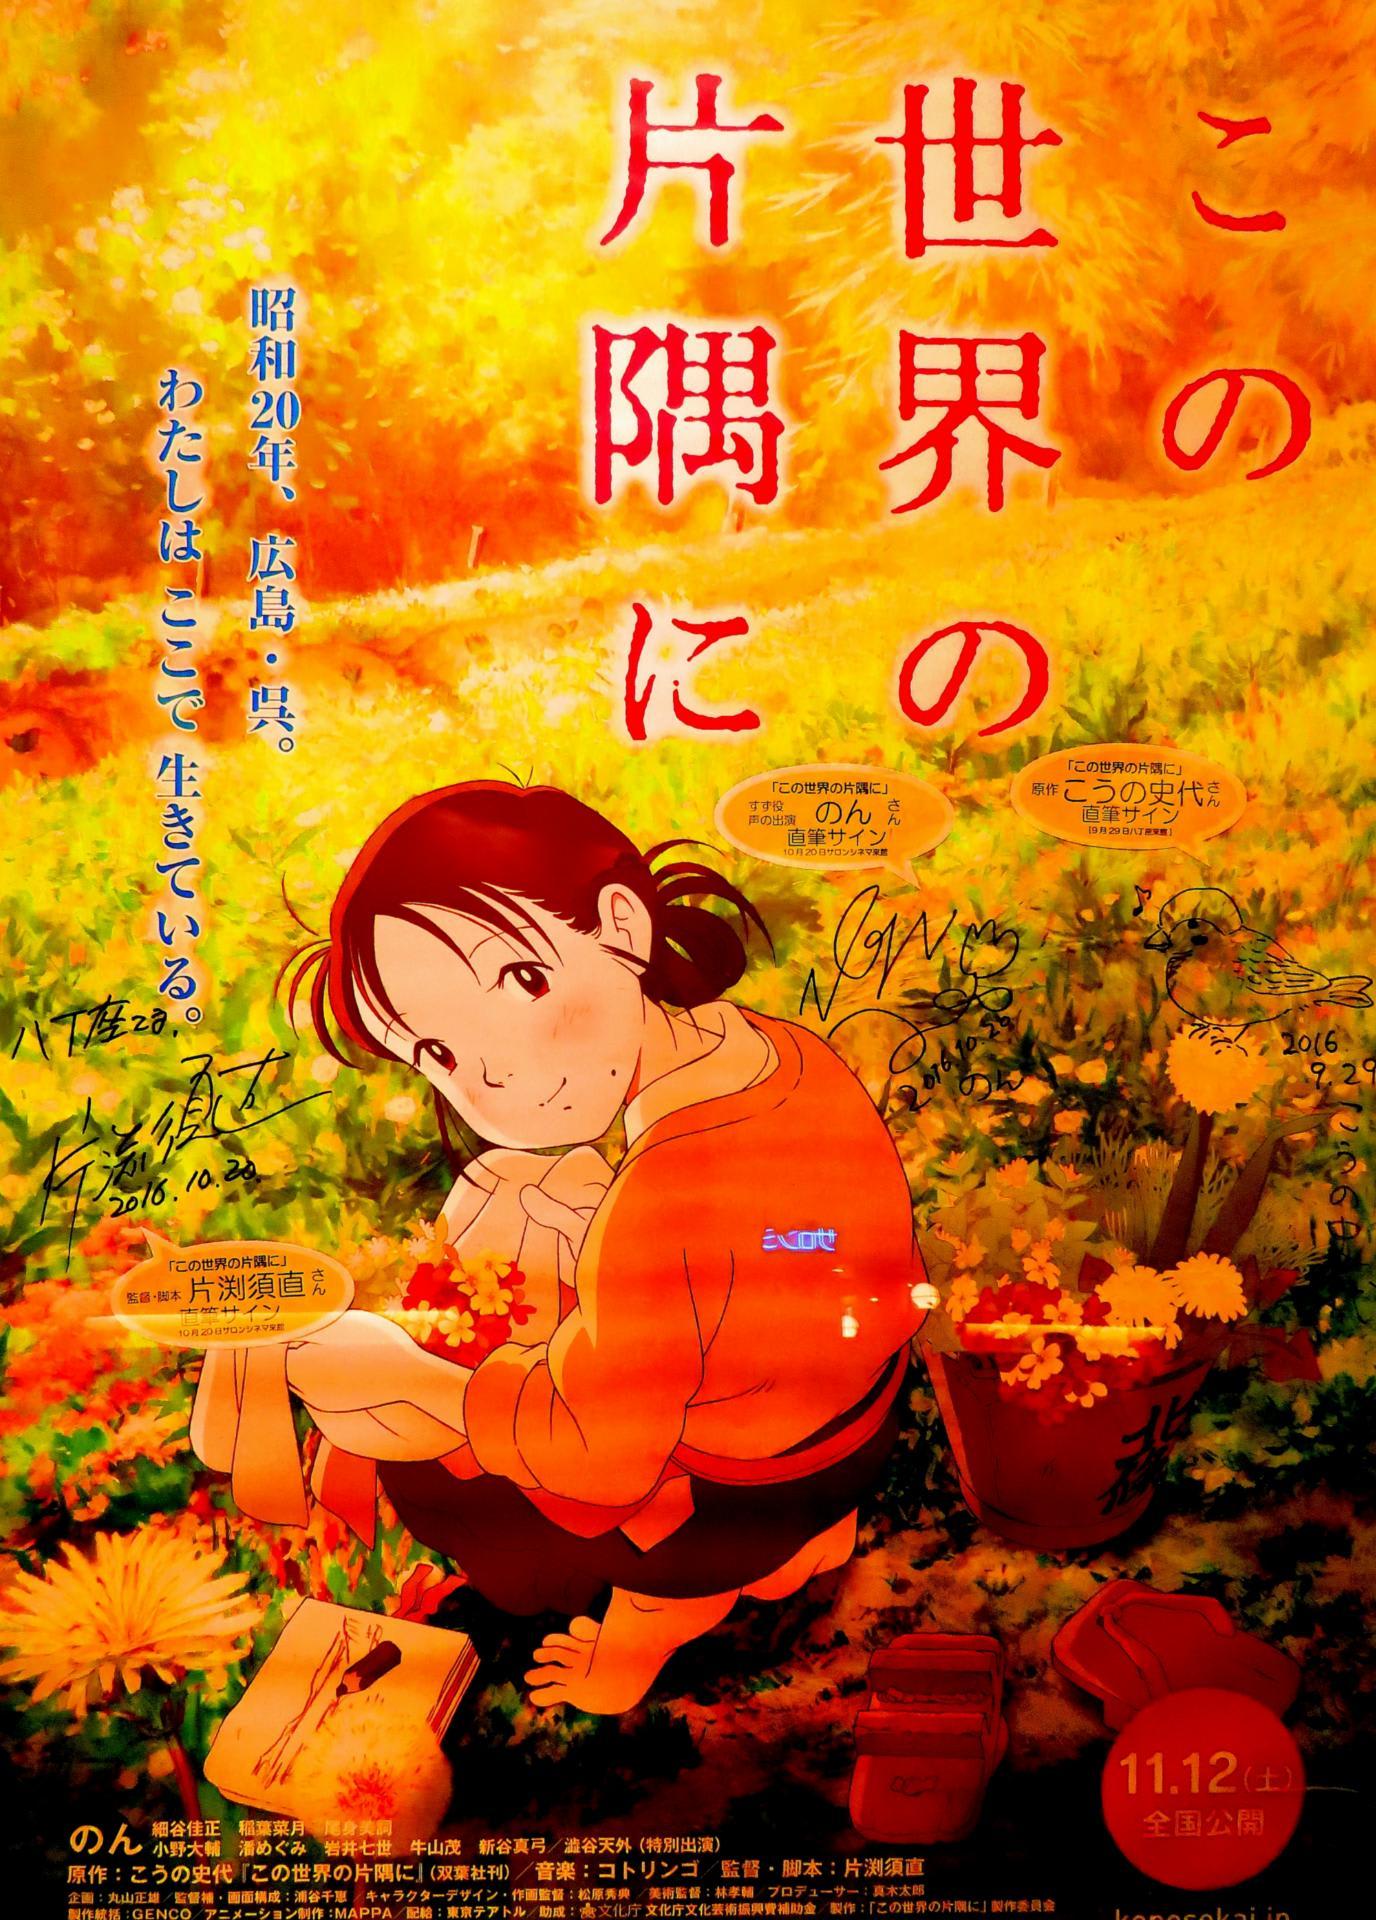 \u203b「この世界の片隅に」ポスター概要こうの史代の出世作となった『夕凪の街 桜の国』に続いて「戦争と広島」をテーマに描いた作品である(ただし『夕凪の街 桜の国』と